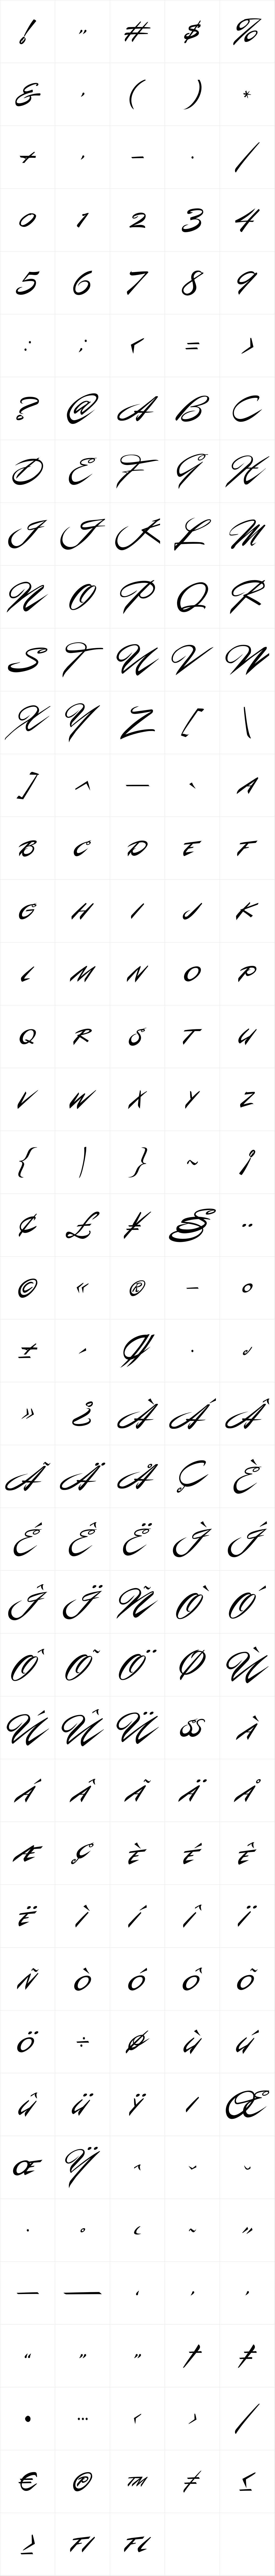 P22 Casual Script SC